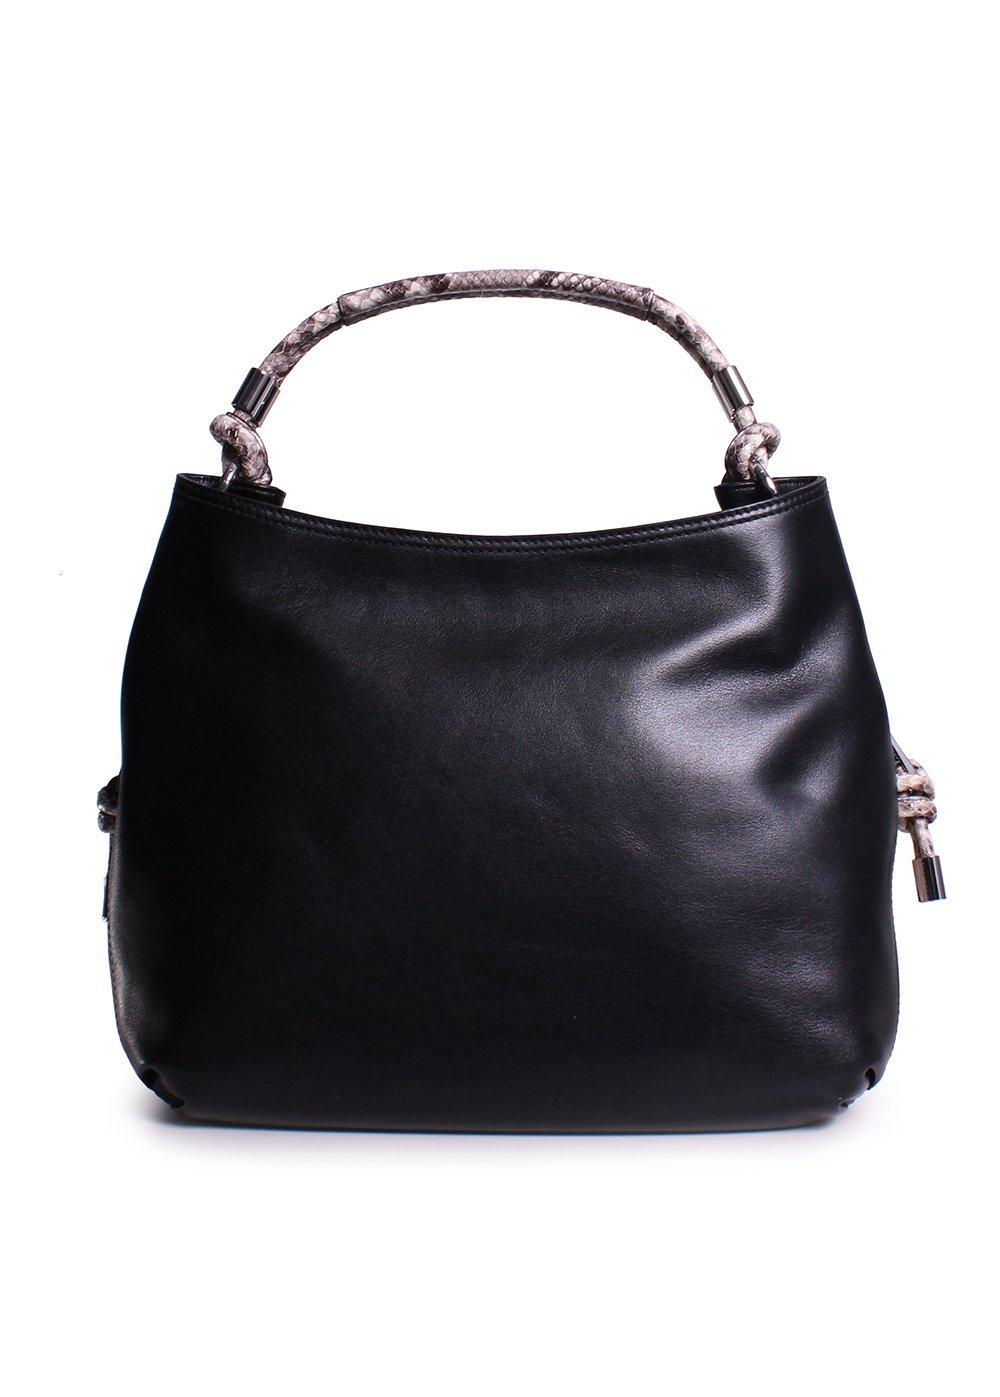 27e6c62216f0 ... Michael Kors Isabel Large Convertible Shoulder Bag in Black ...